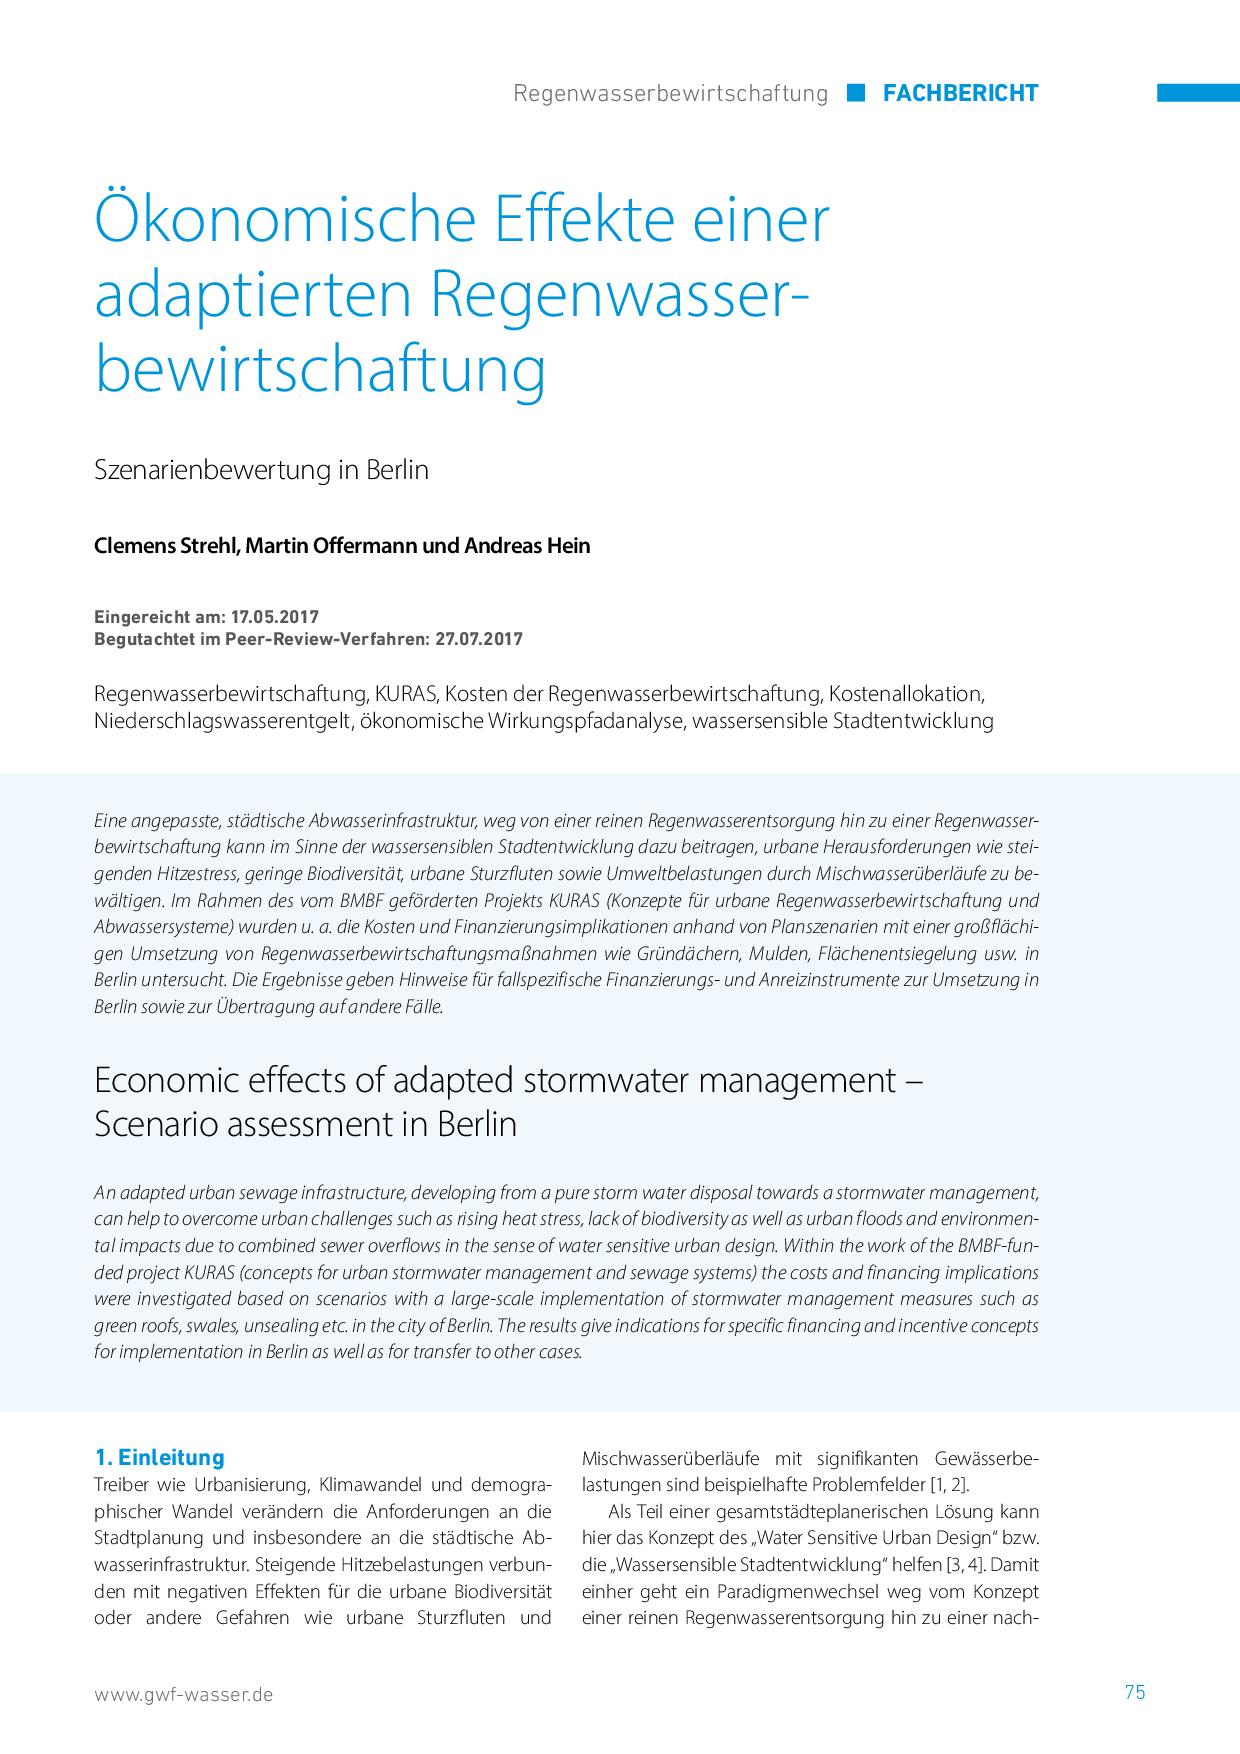 Ökonomische Effekte einer adaptierten Regenwasserbewirtschaftung